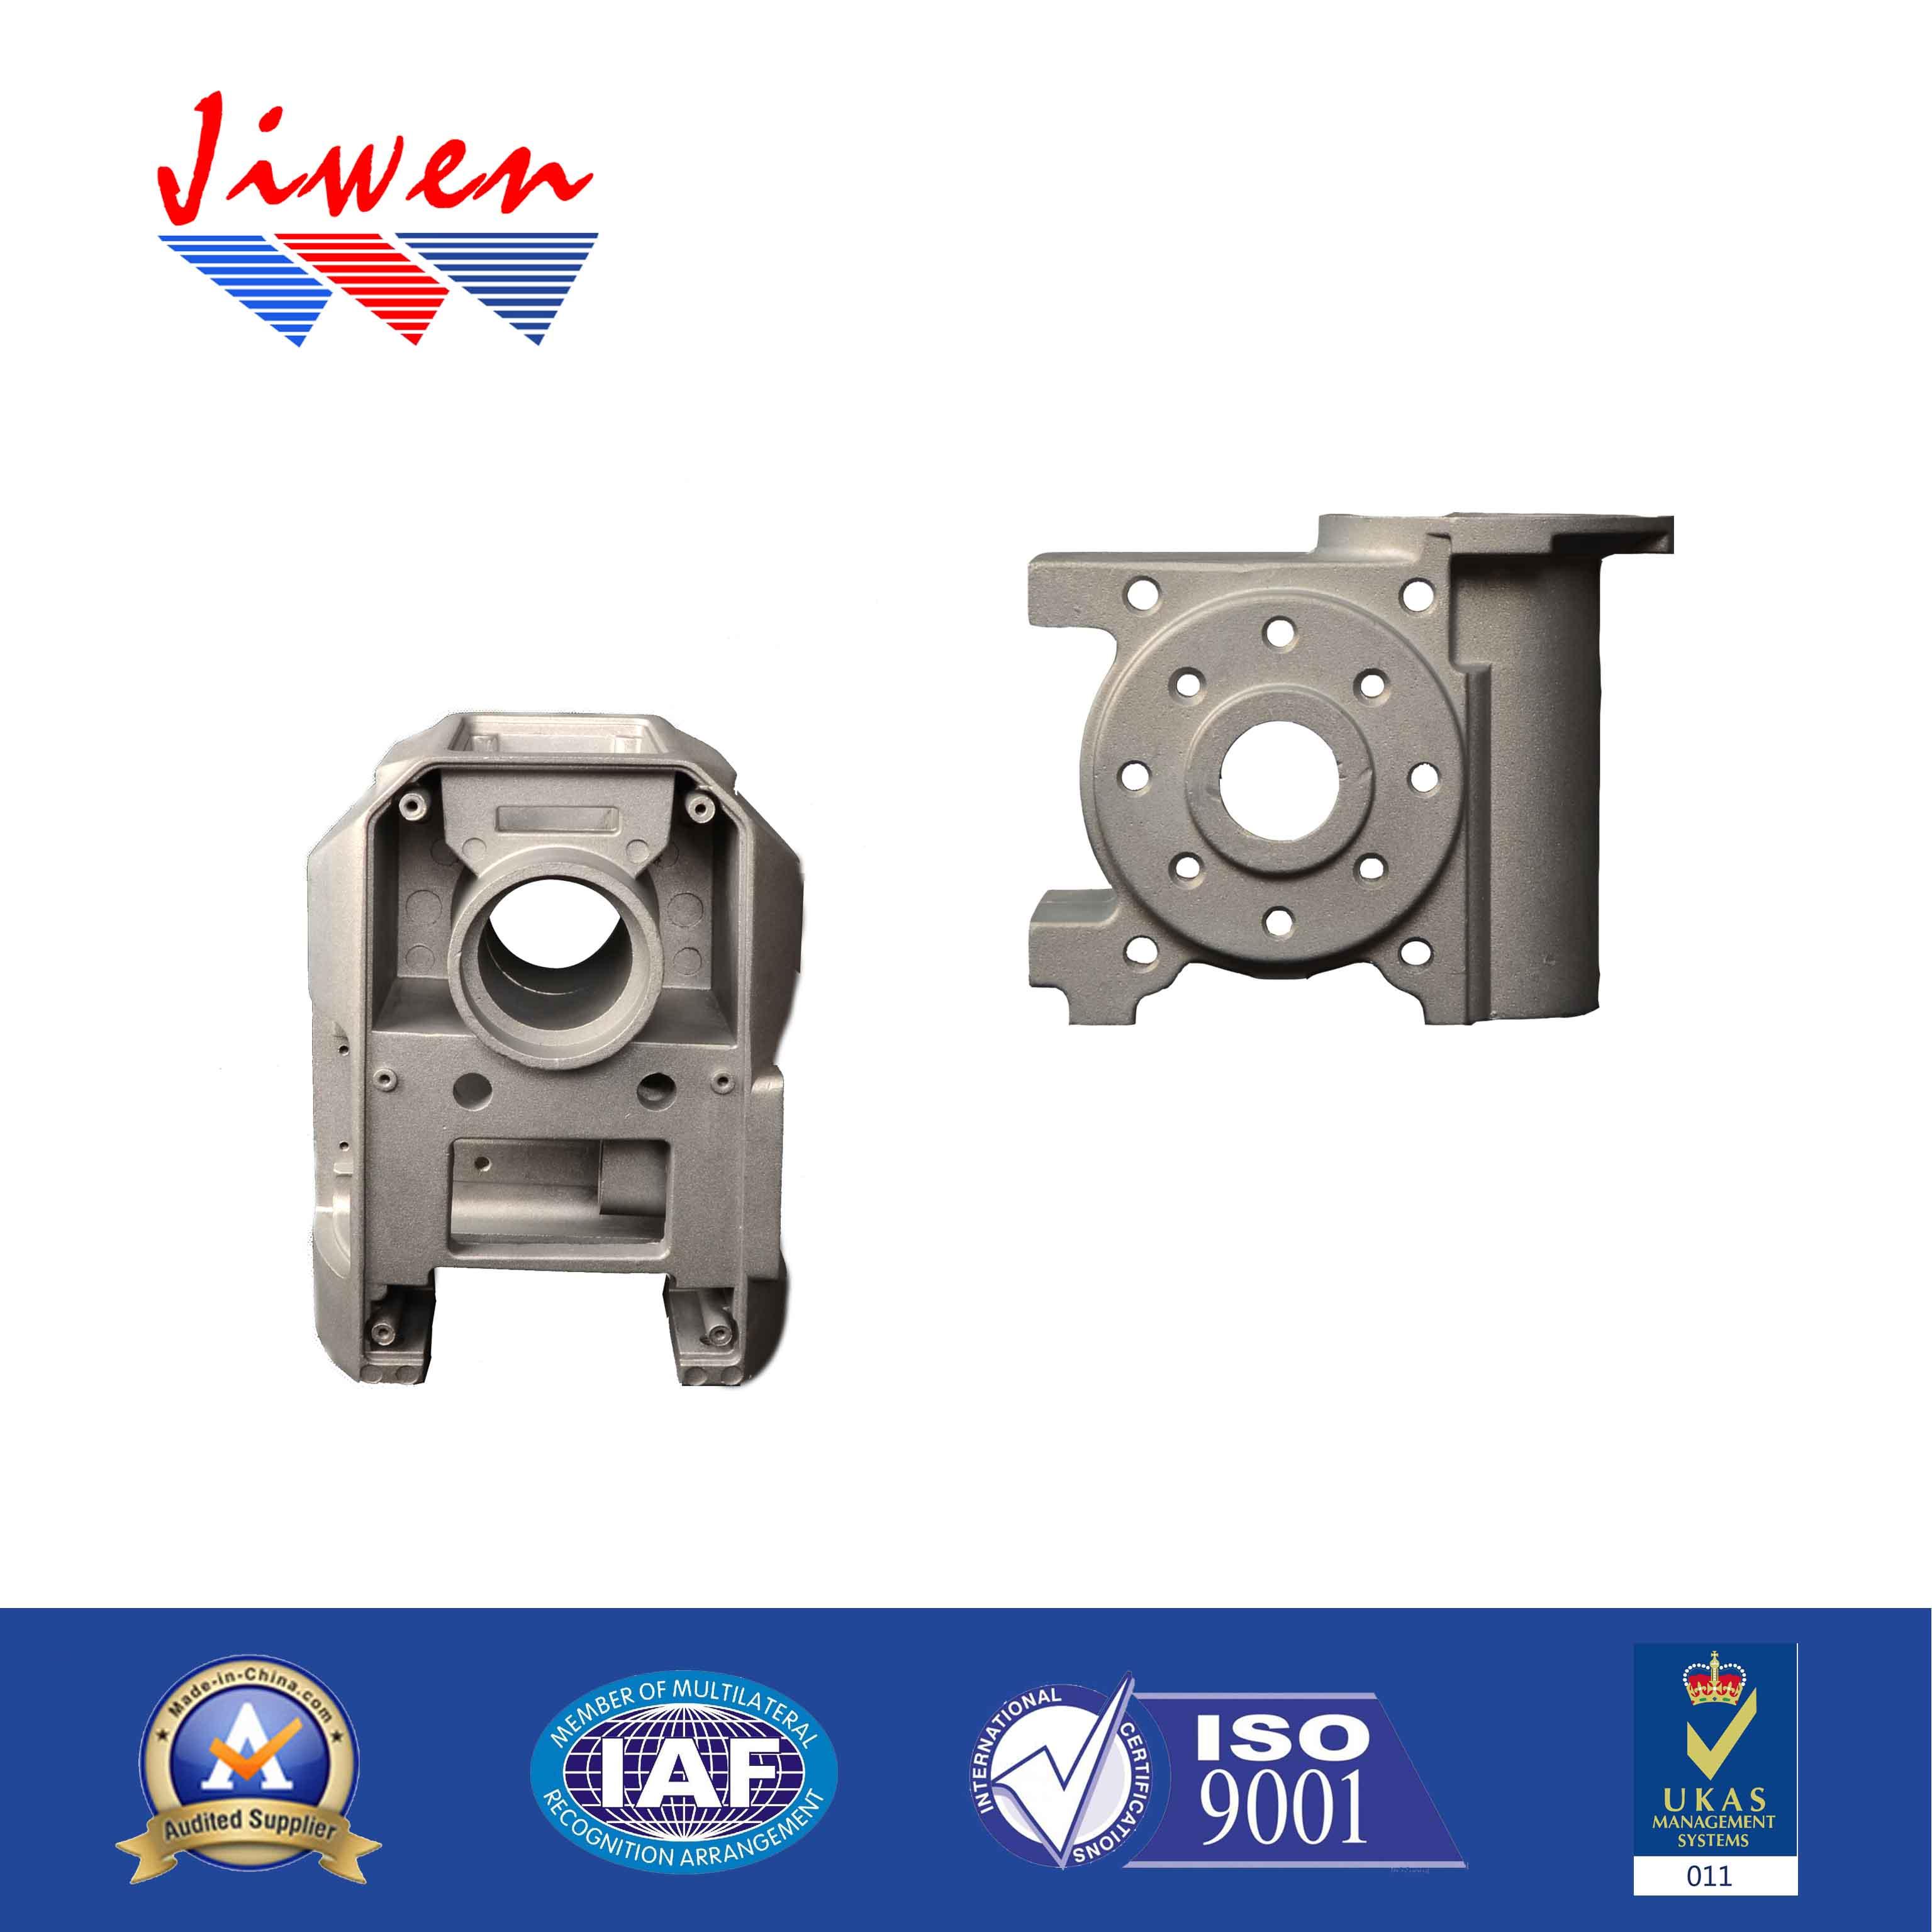 公司供应:压铸汽车发动机管件,压铸空调配件,压铸汽油机气缸缸盖,压铸